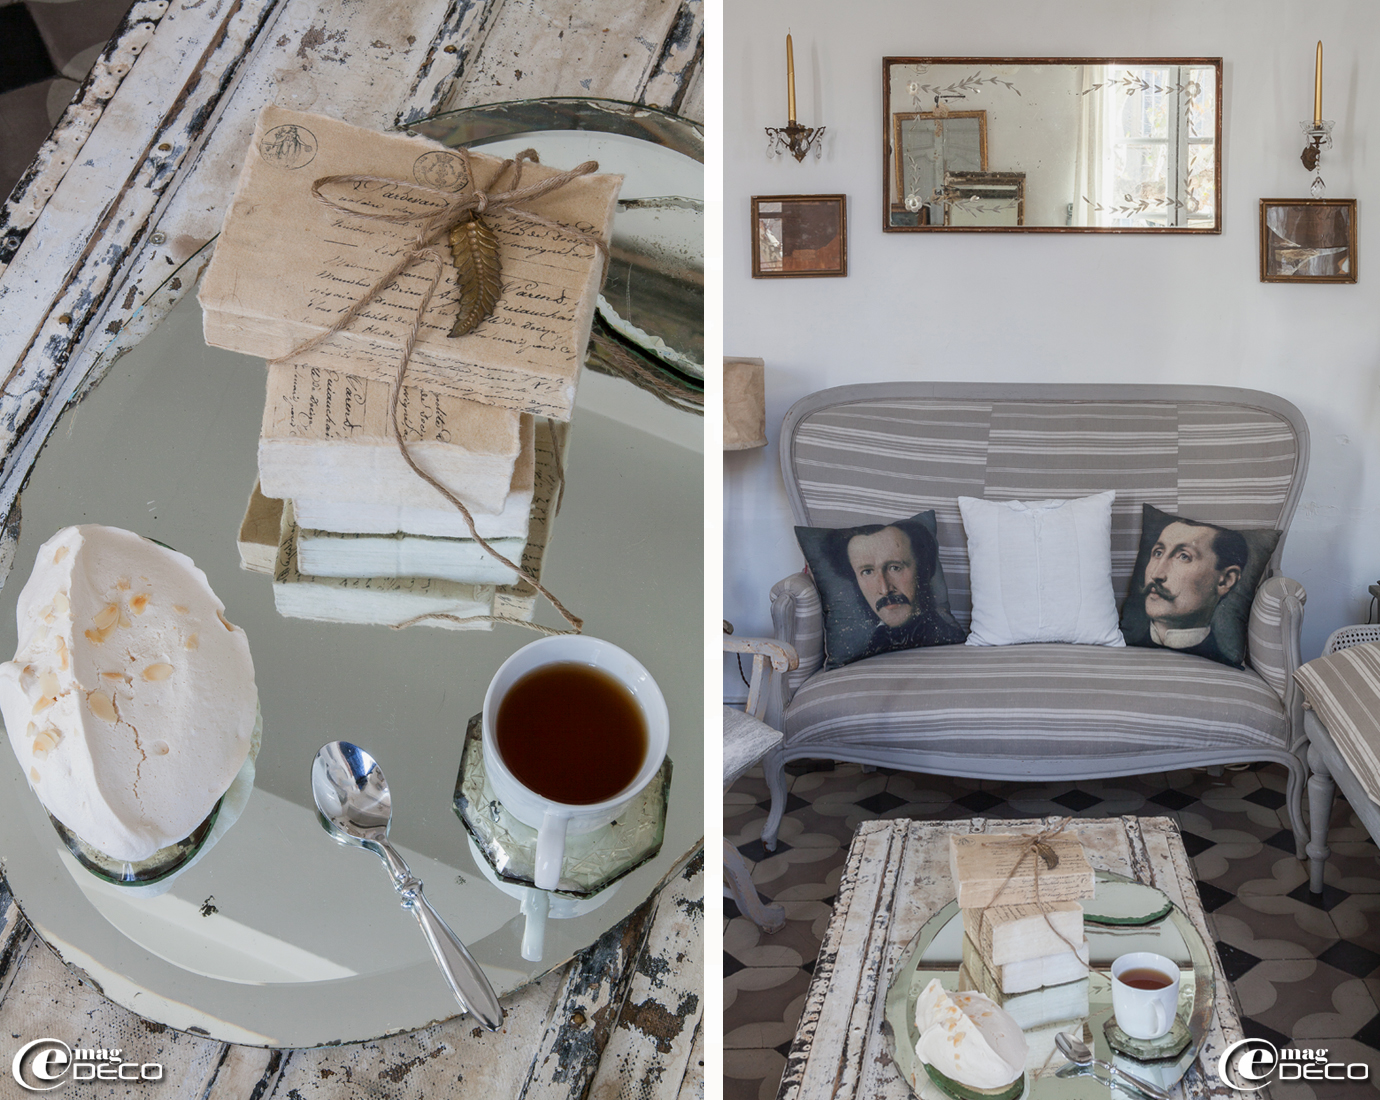 Un vieux miroir biseauté se métamorphose en plateau, collection de livres ficelé 'Borgo delle Tovaglie', coussins 'Vox Populi' boutique 'Clair de Lune' à Uzès